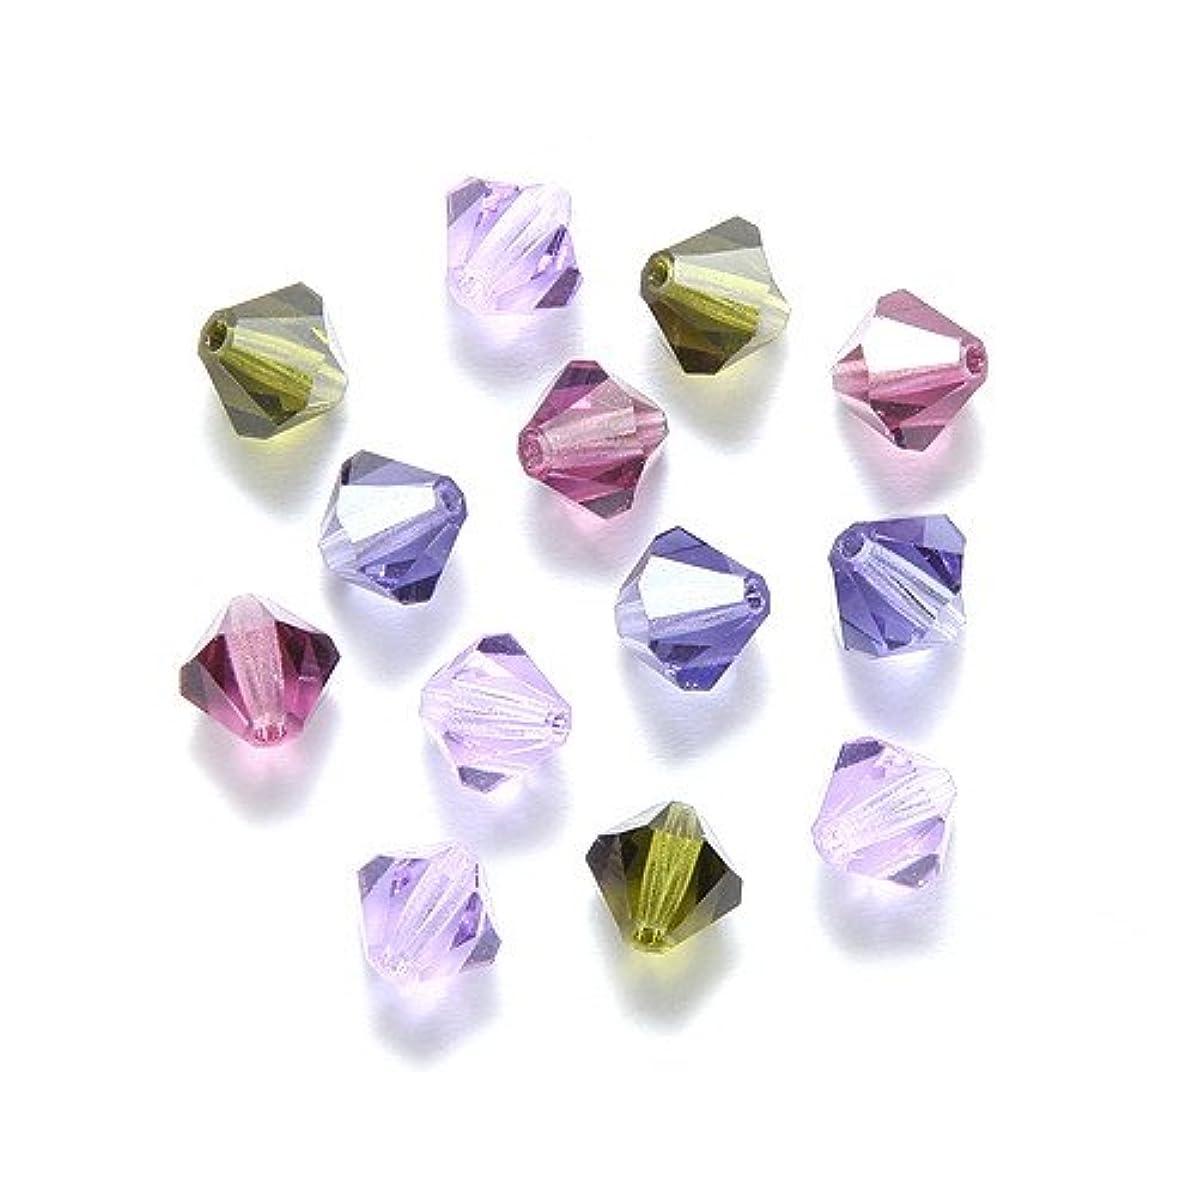 Preciosa 30-Piece Czech Crystal Bicone Beads Set, 6 by 6mm, Mix Lilac Grove